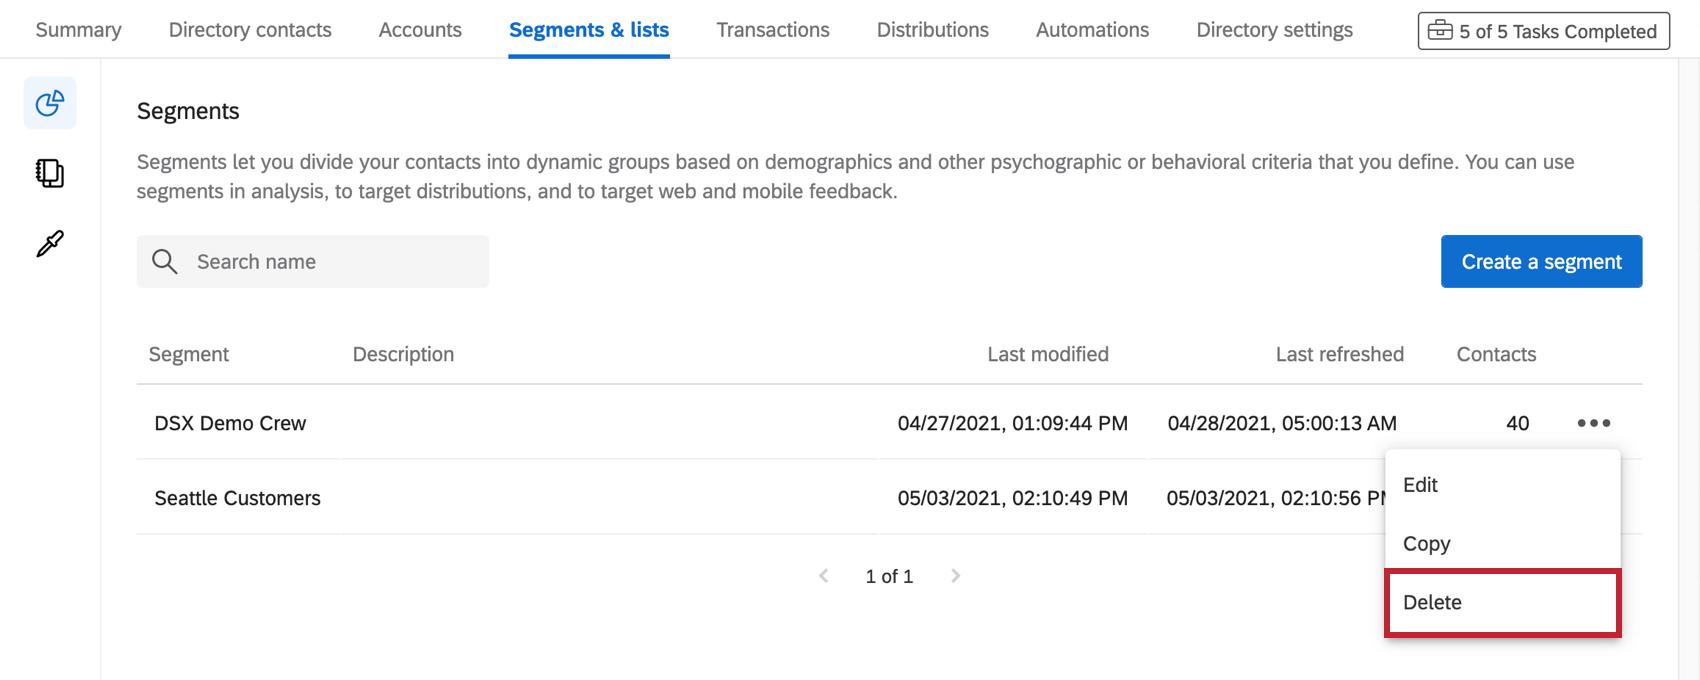 Dropdown next to segment expanded, third option to delete it